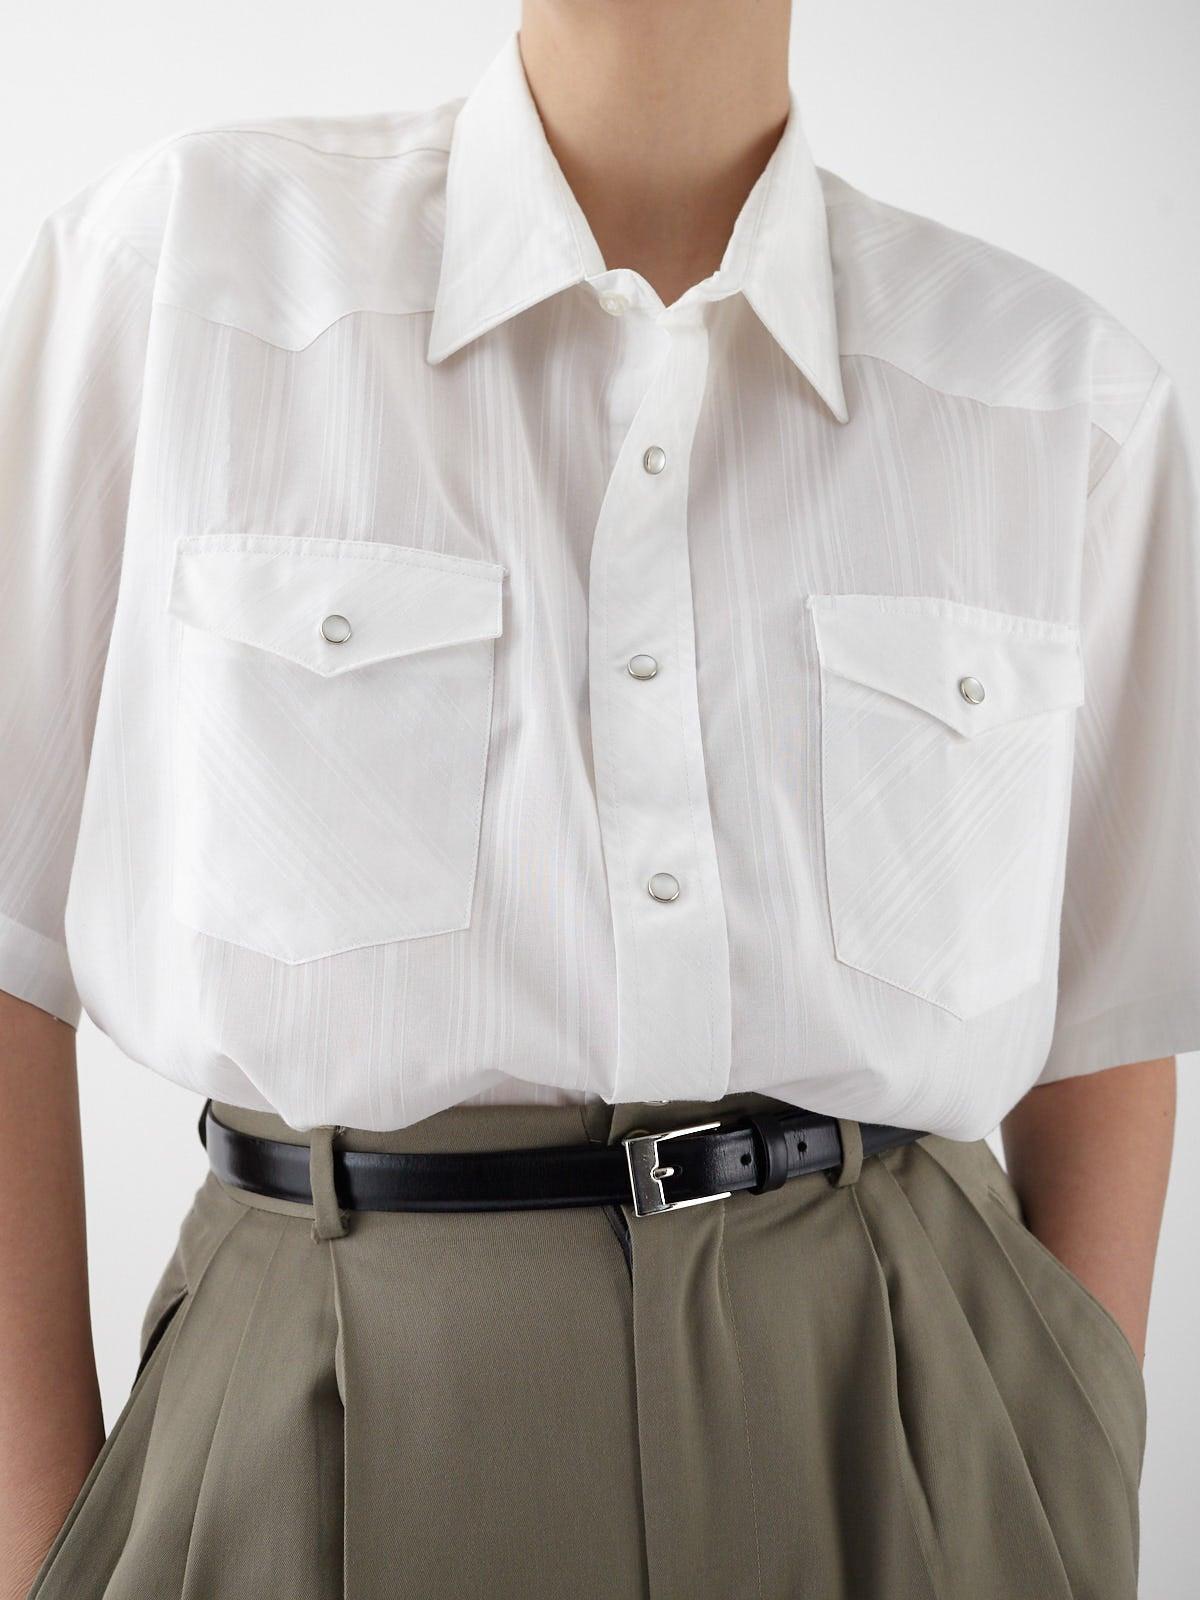 The Level Wrangler Cowboy Shirt